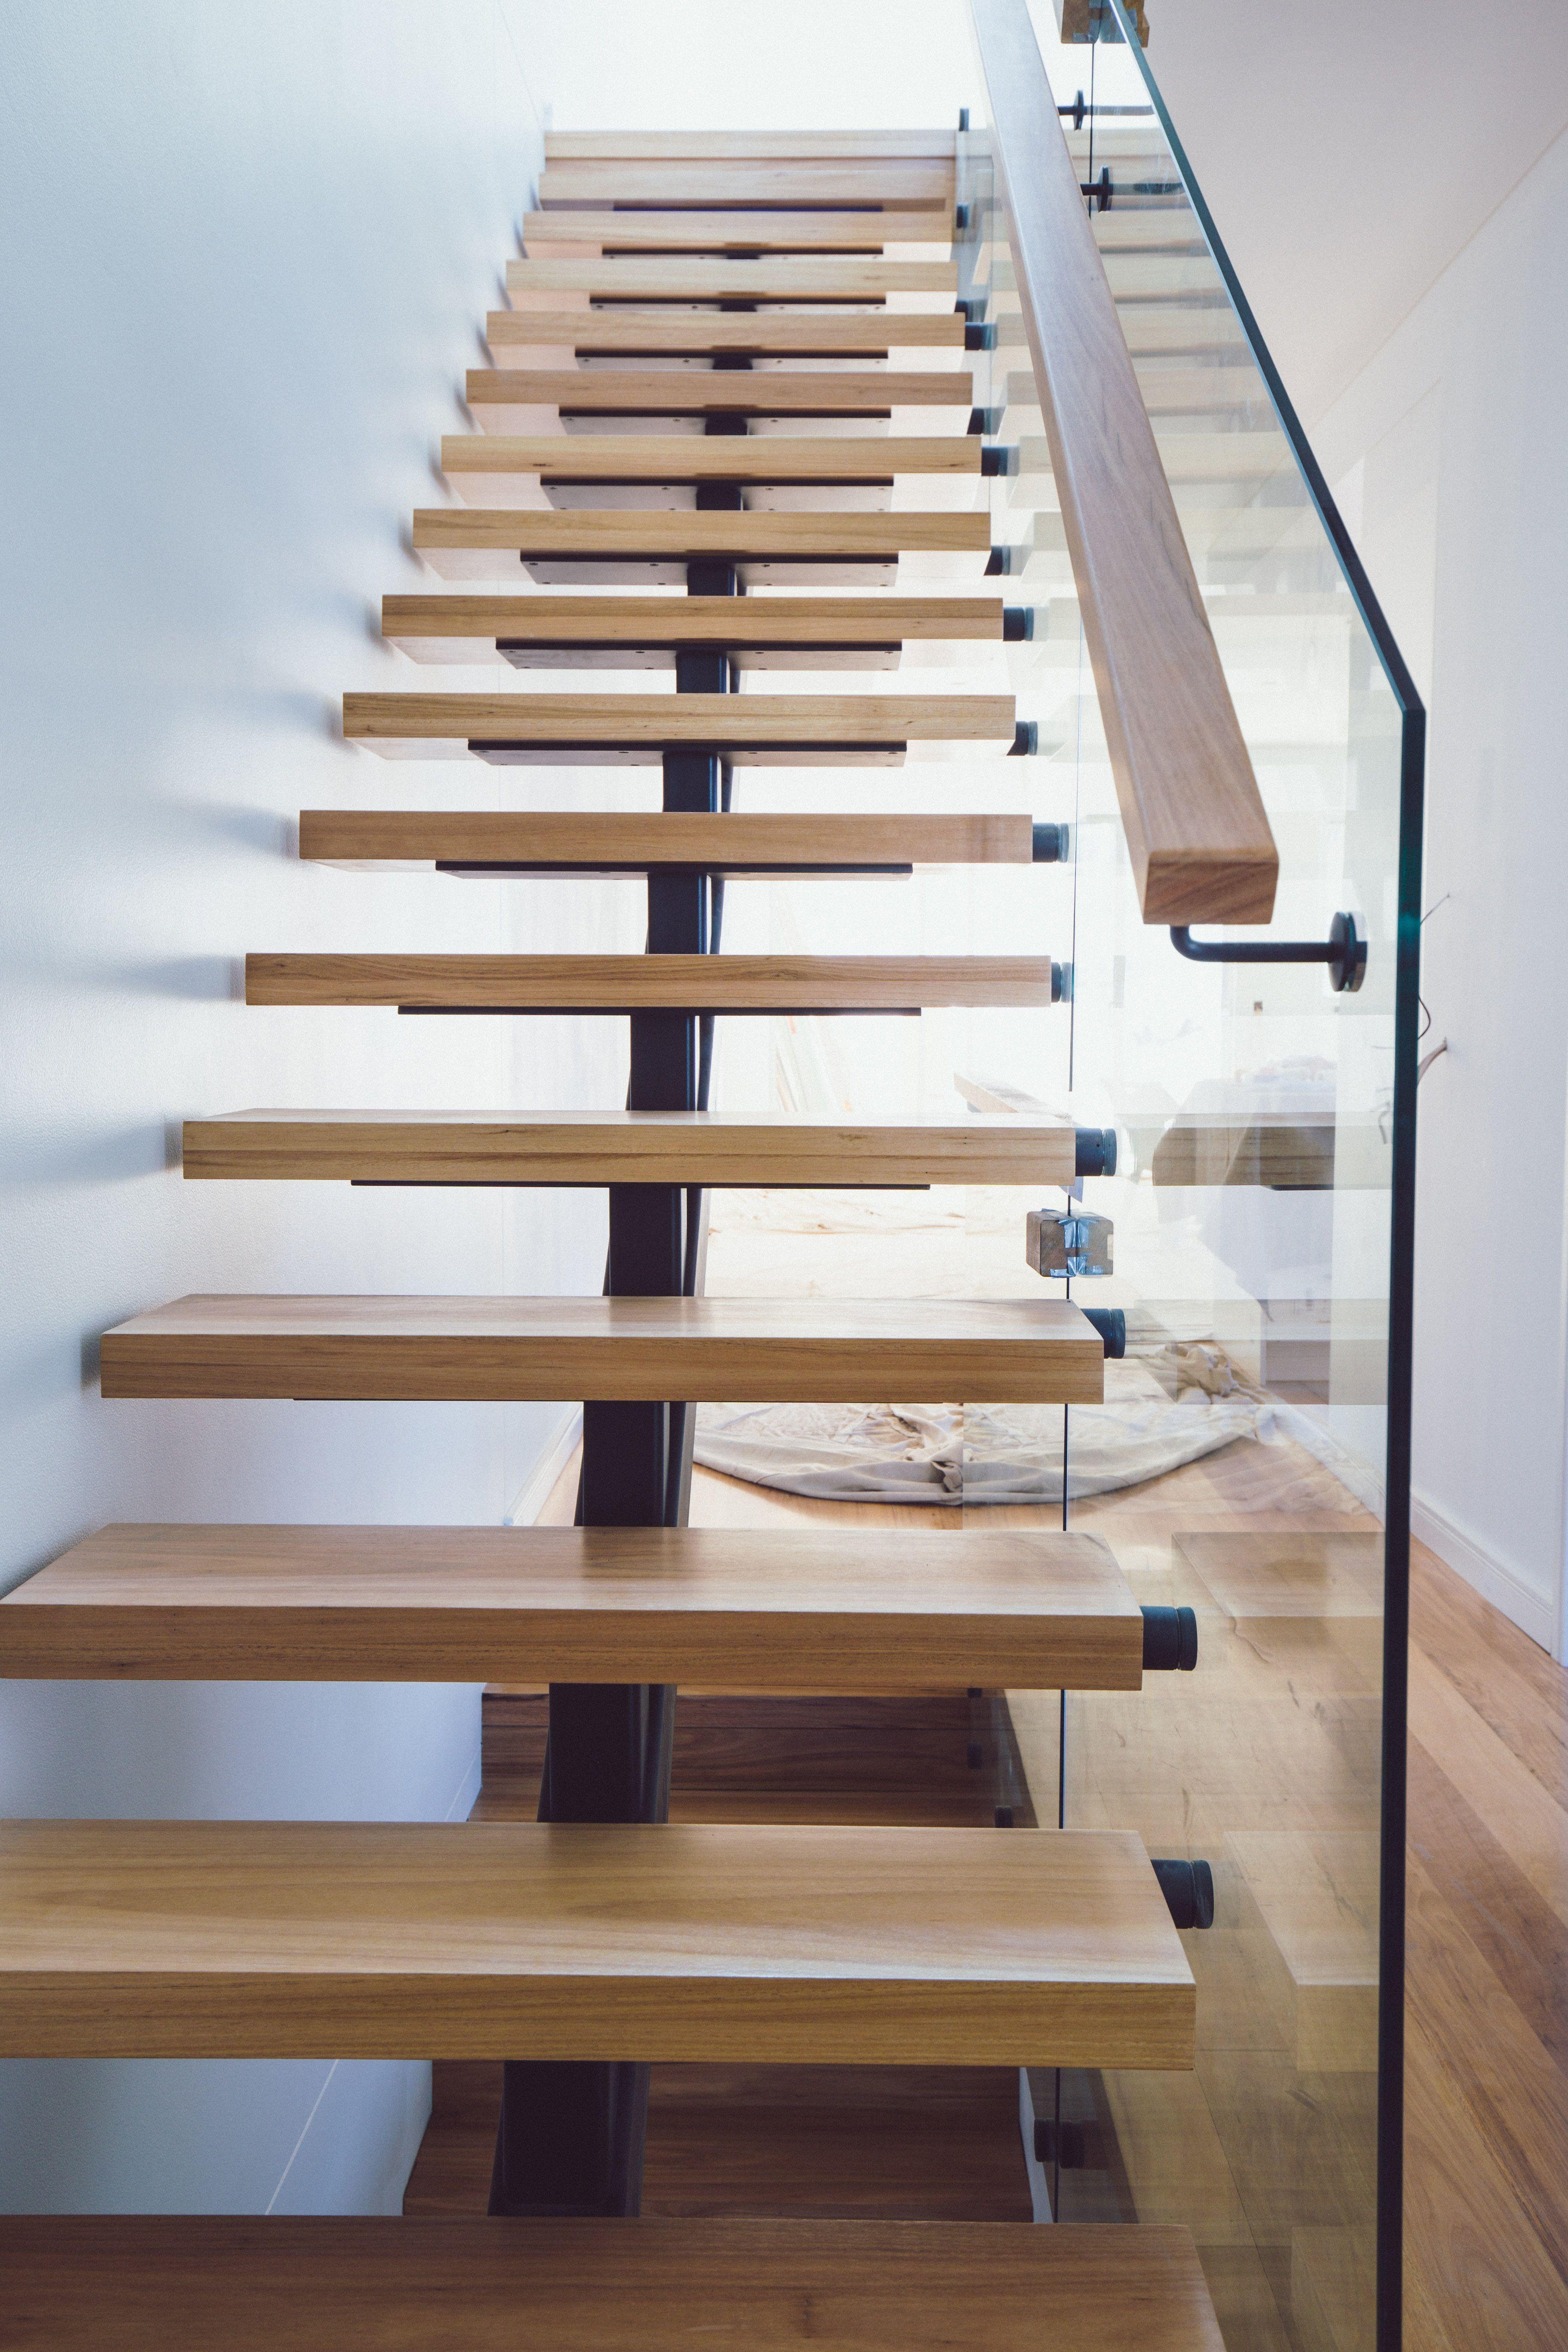 Ozstair Timber Staircase - Glass Balustrade - Steel Mono Stringer